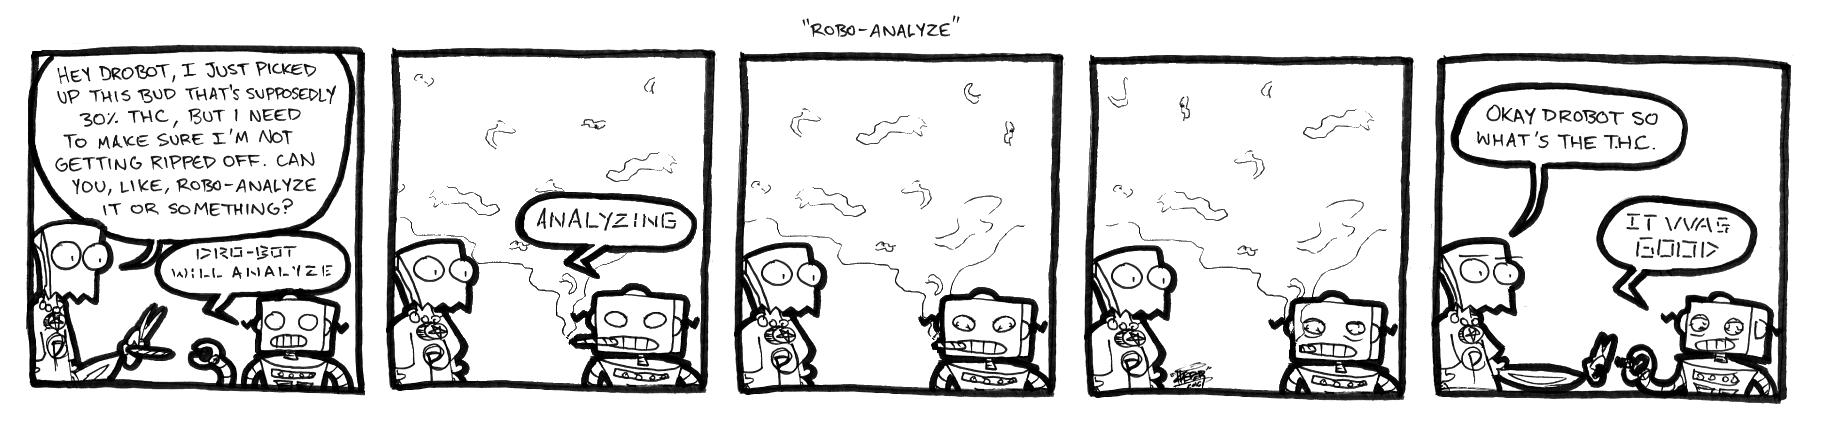 Robo-Analyze